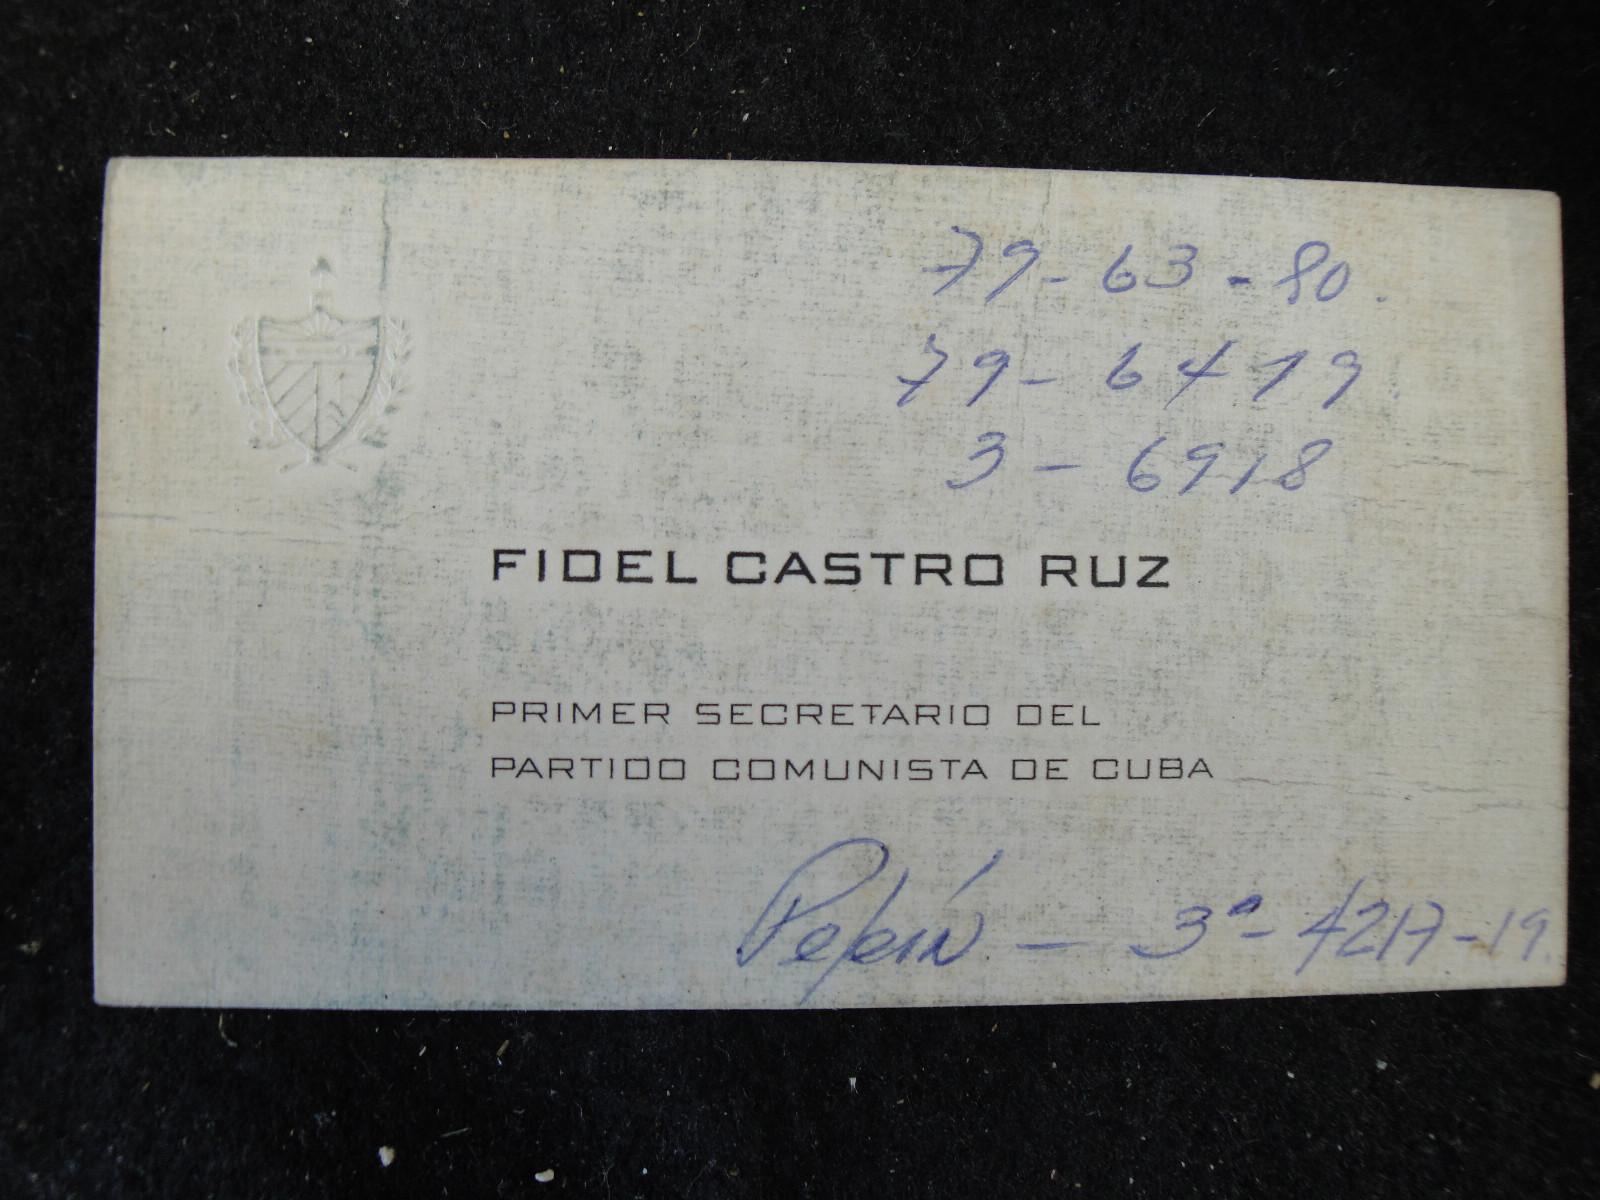 کارت ویزیت فیدل کاسترو